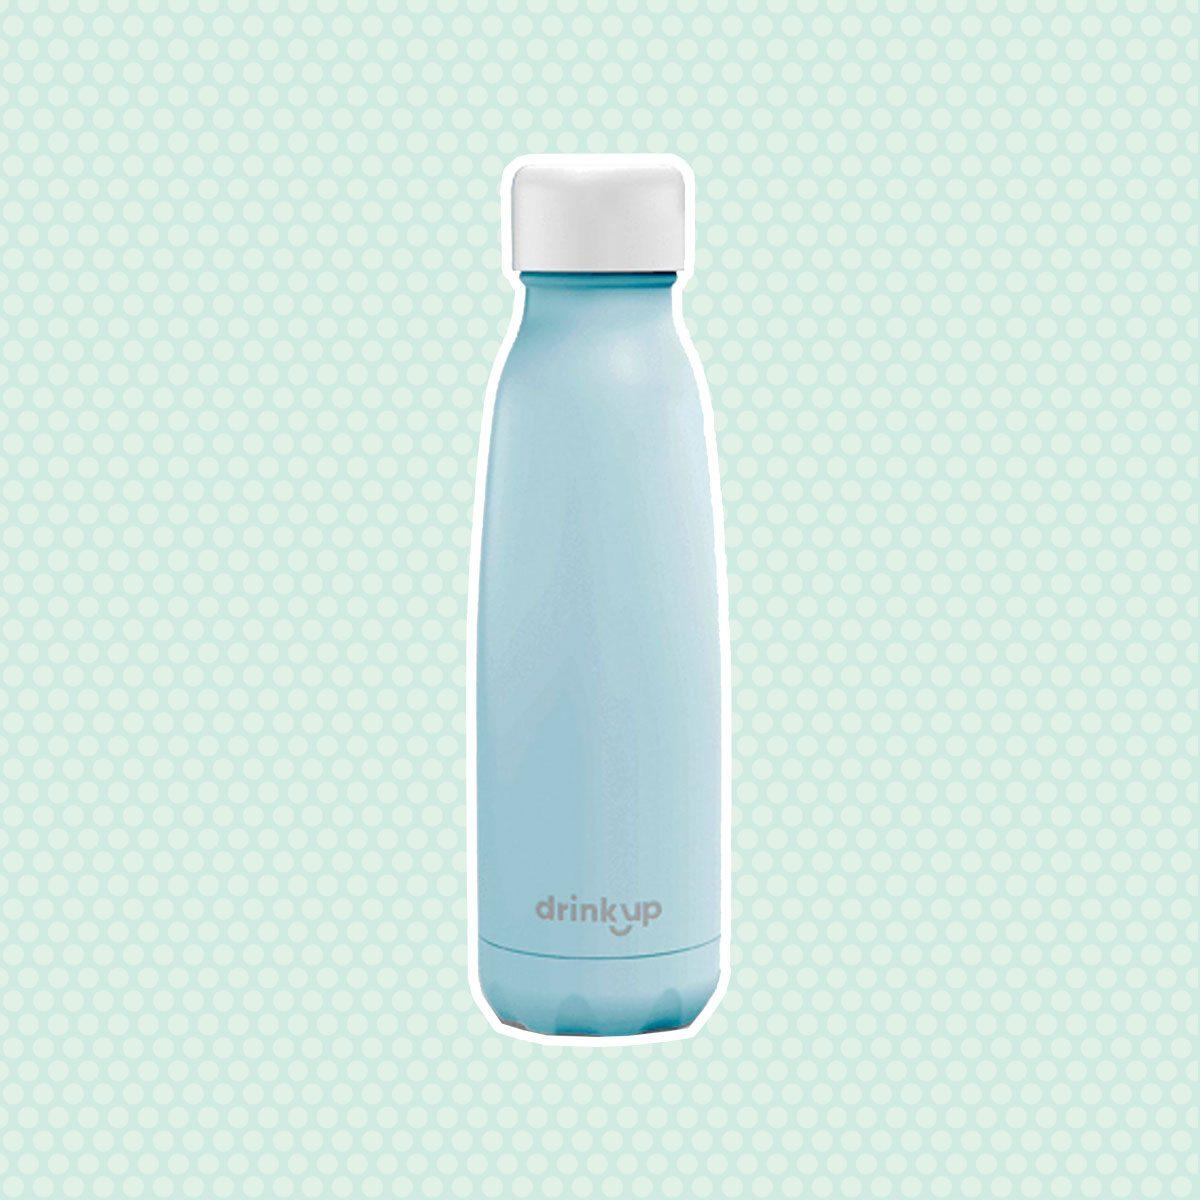 DrinKup Bottle